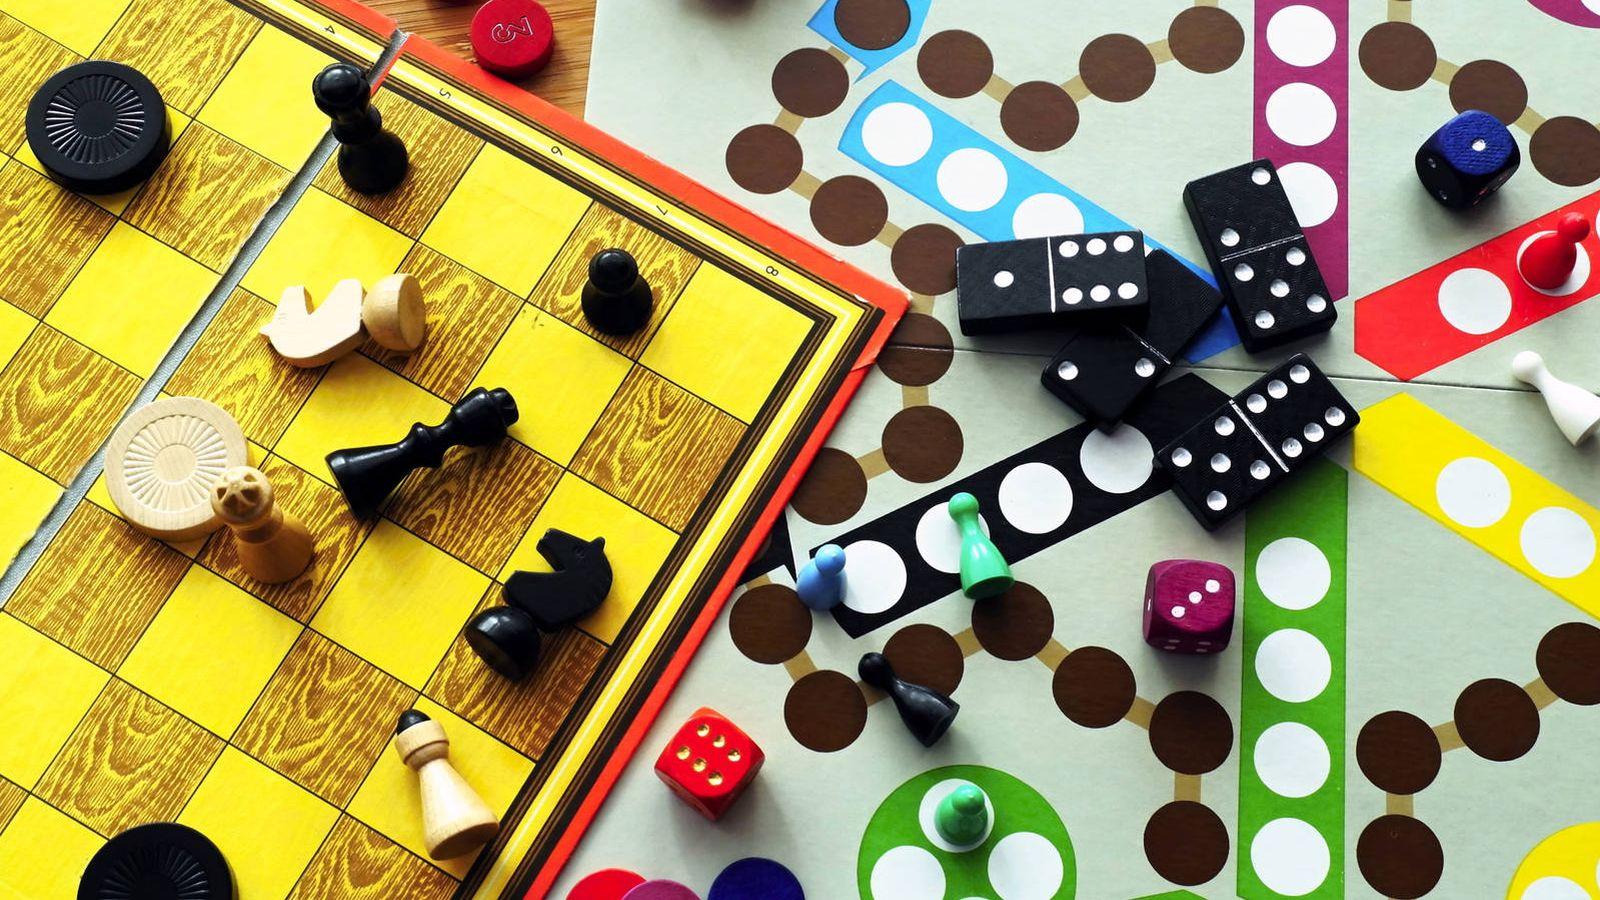 Educaci n los peores juegos de mesa de la historia s for Flashpoint juego de mesa